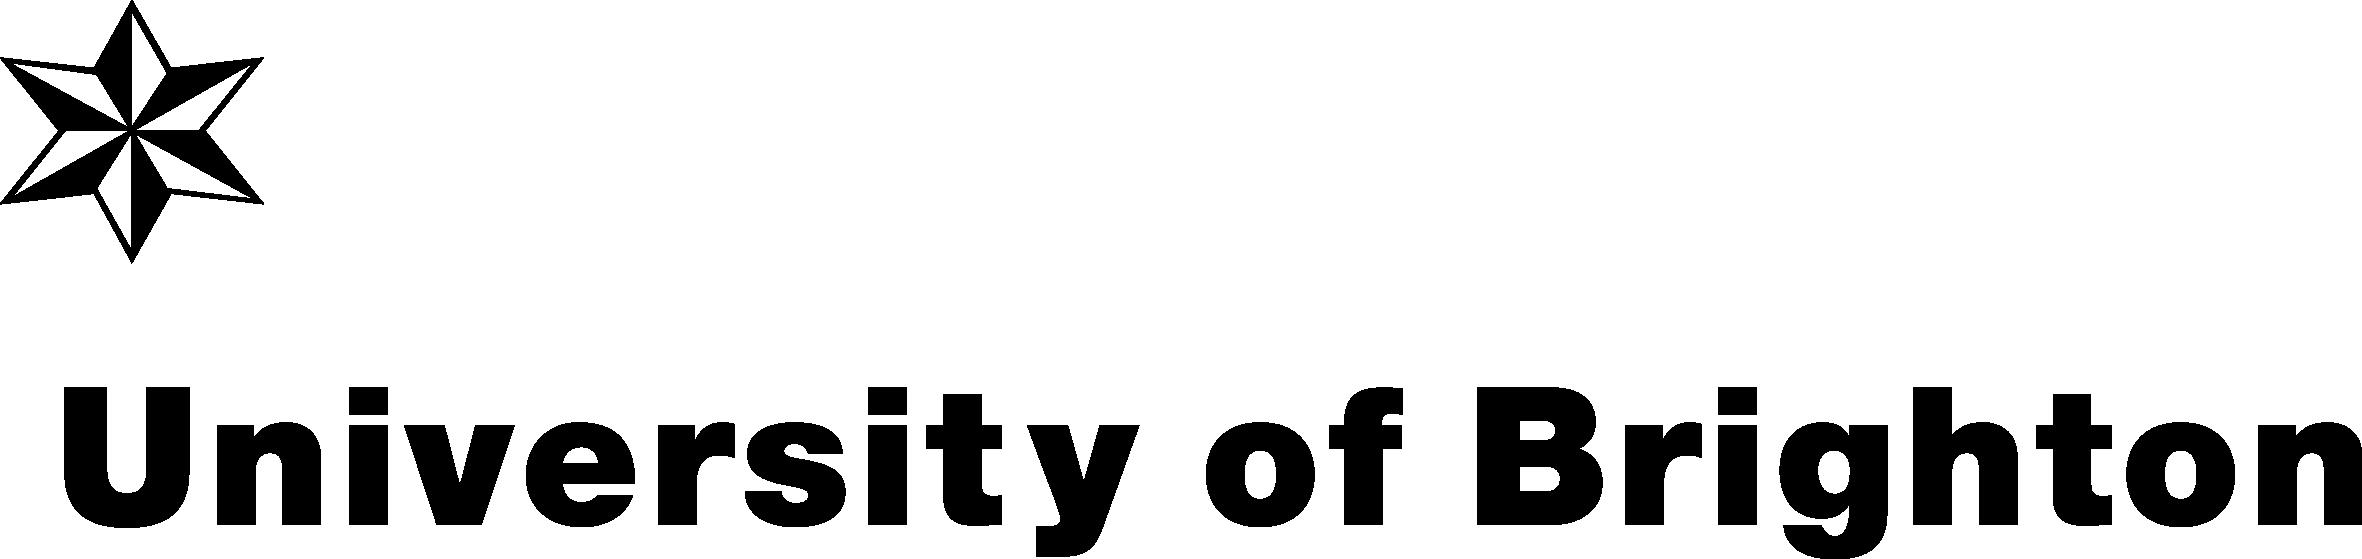 UoB logo Illustrator black